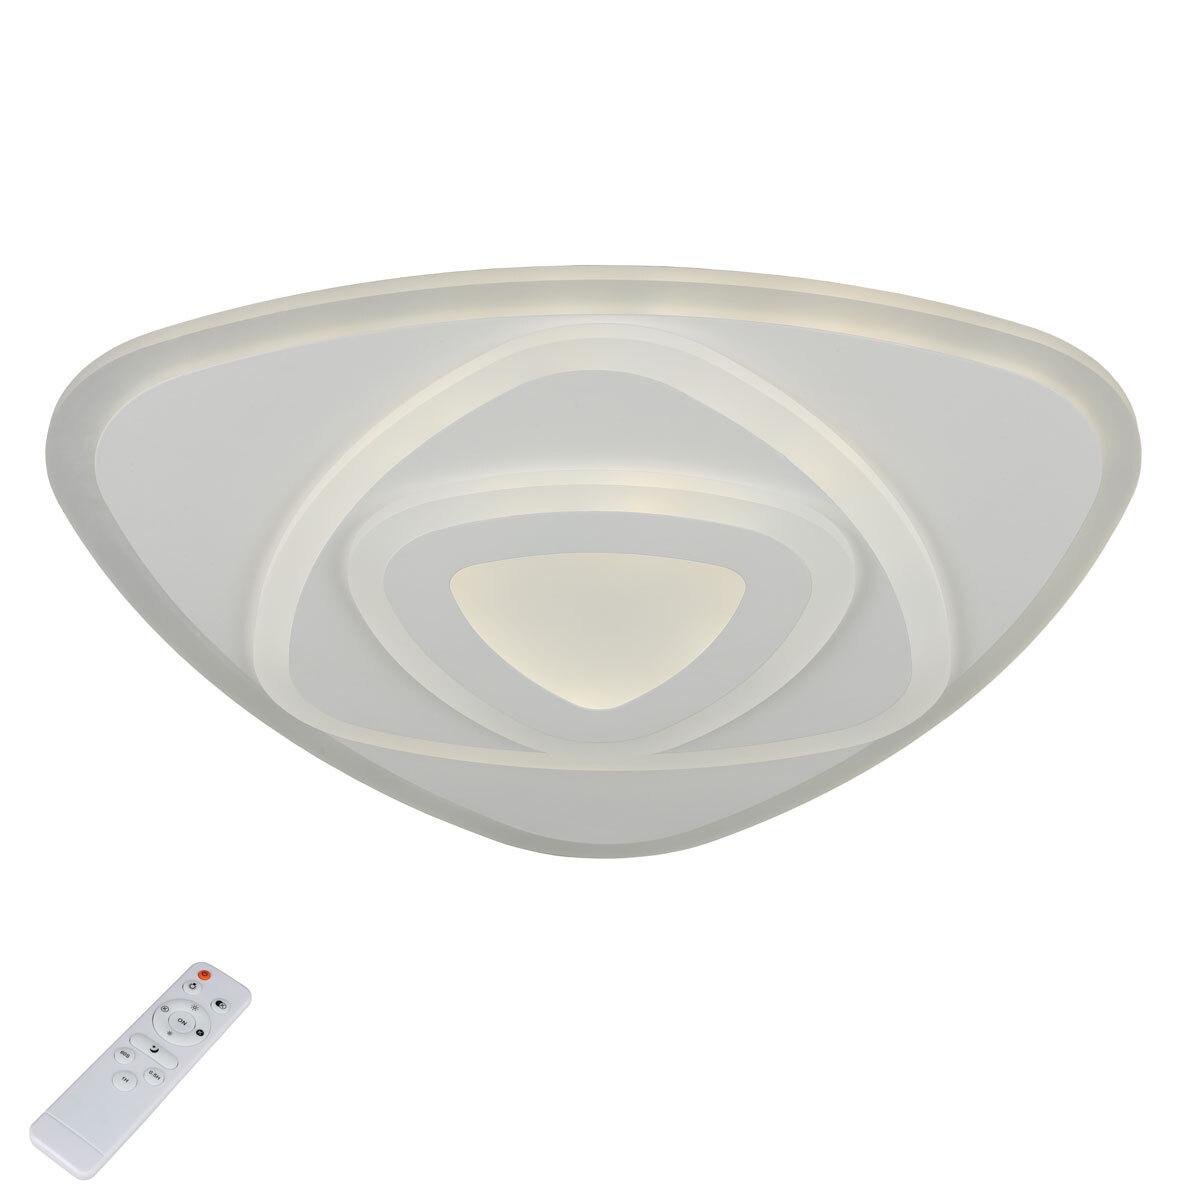 Потолочный светильник Omnilux Gradara OML-05307-70, LED, 70 Вт